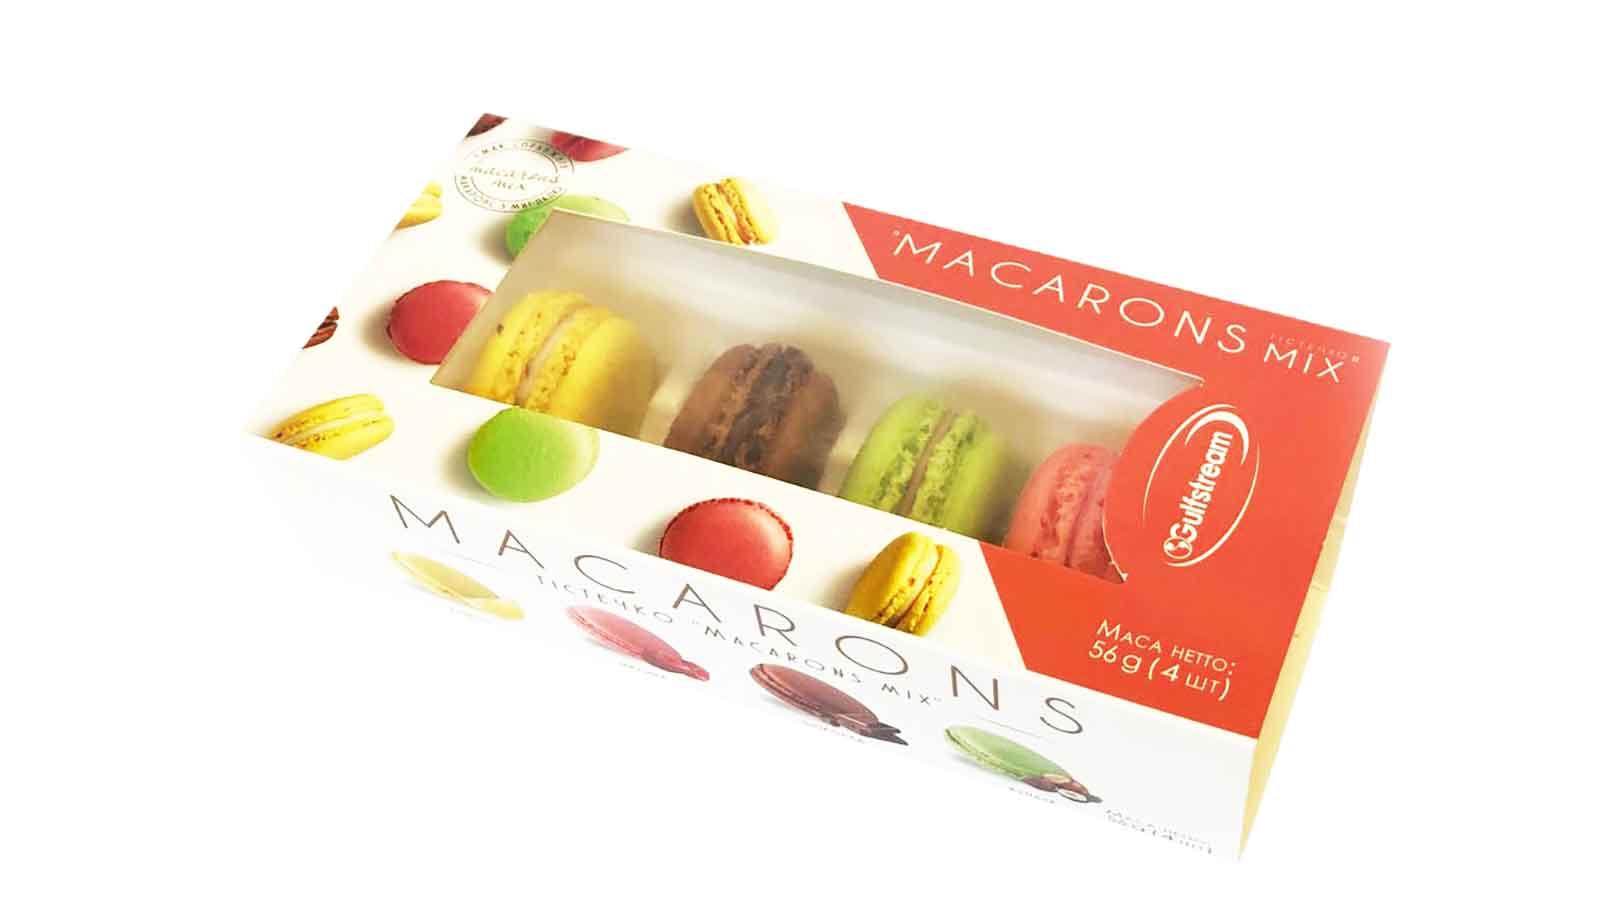 Пирожное Macarons MIX 56